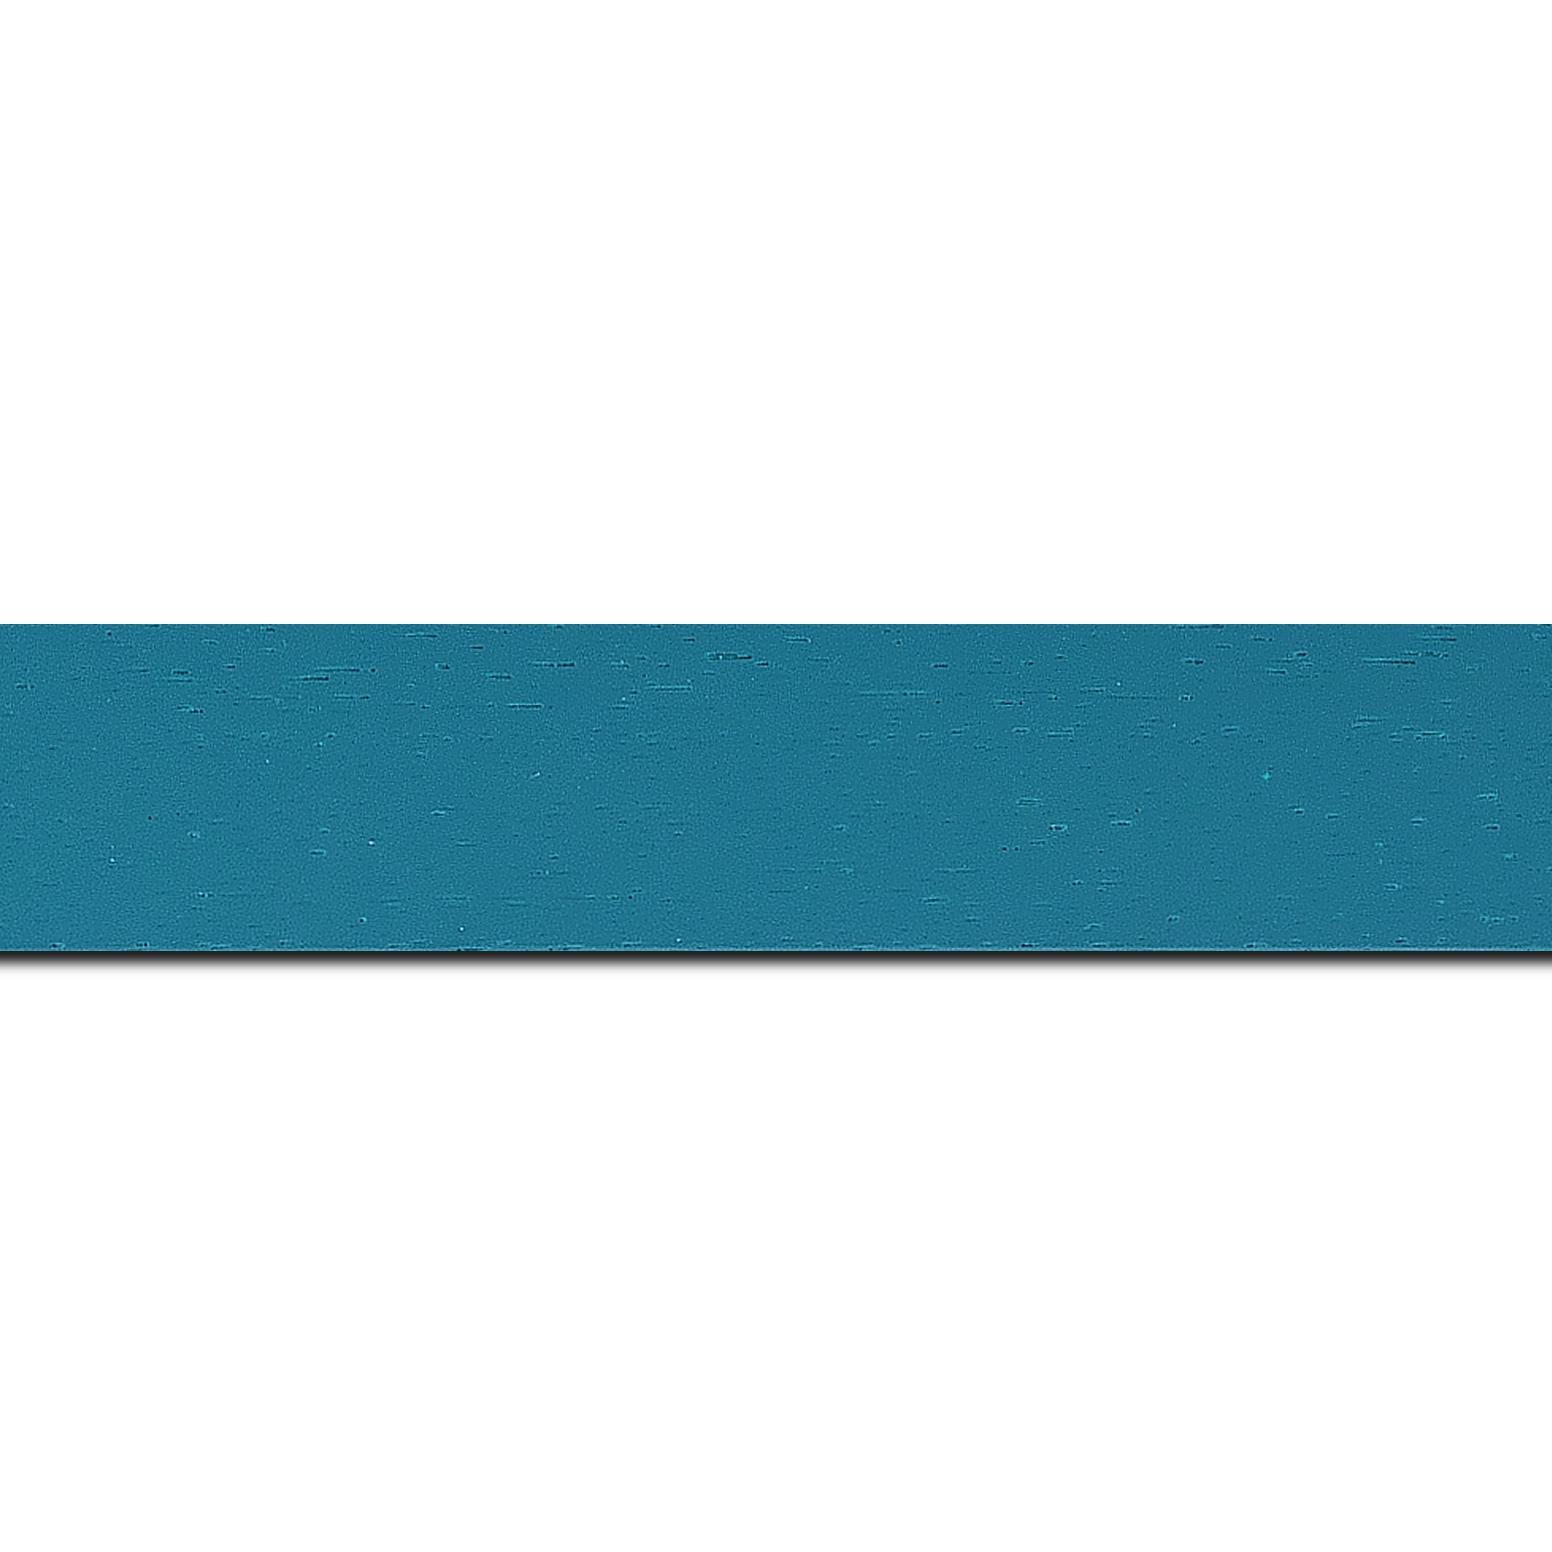 Baguette longueur 1.40m bois profil plat largeur 3cm couleur bleu turquoise satiné